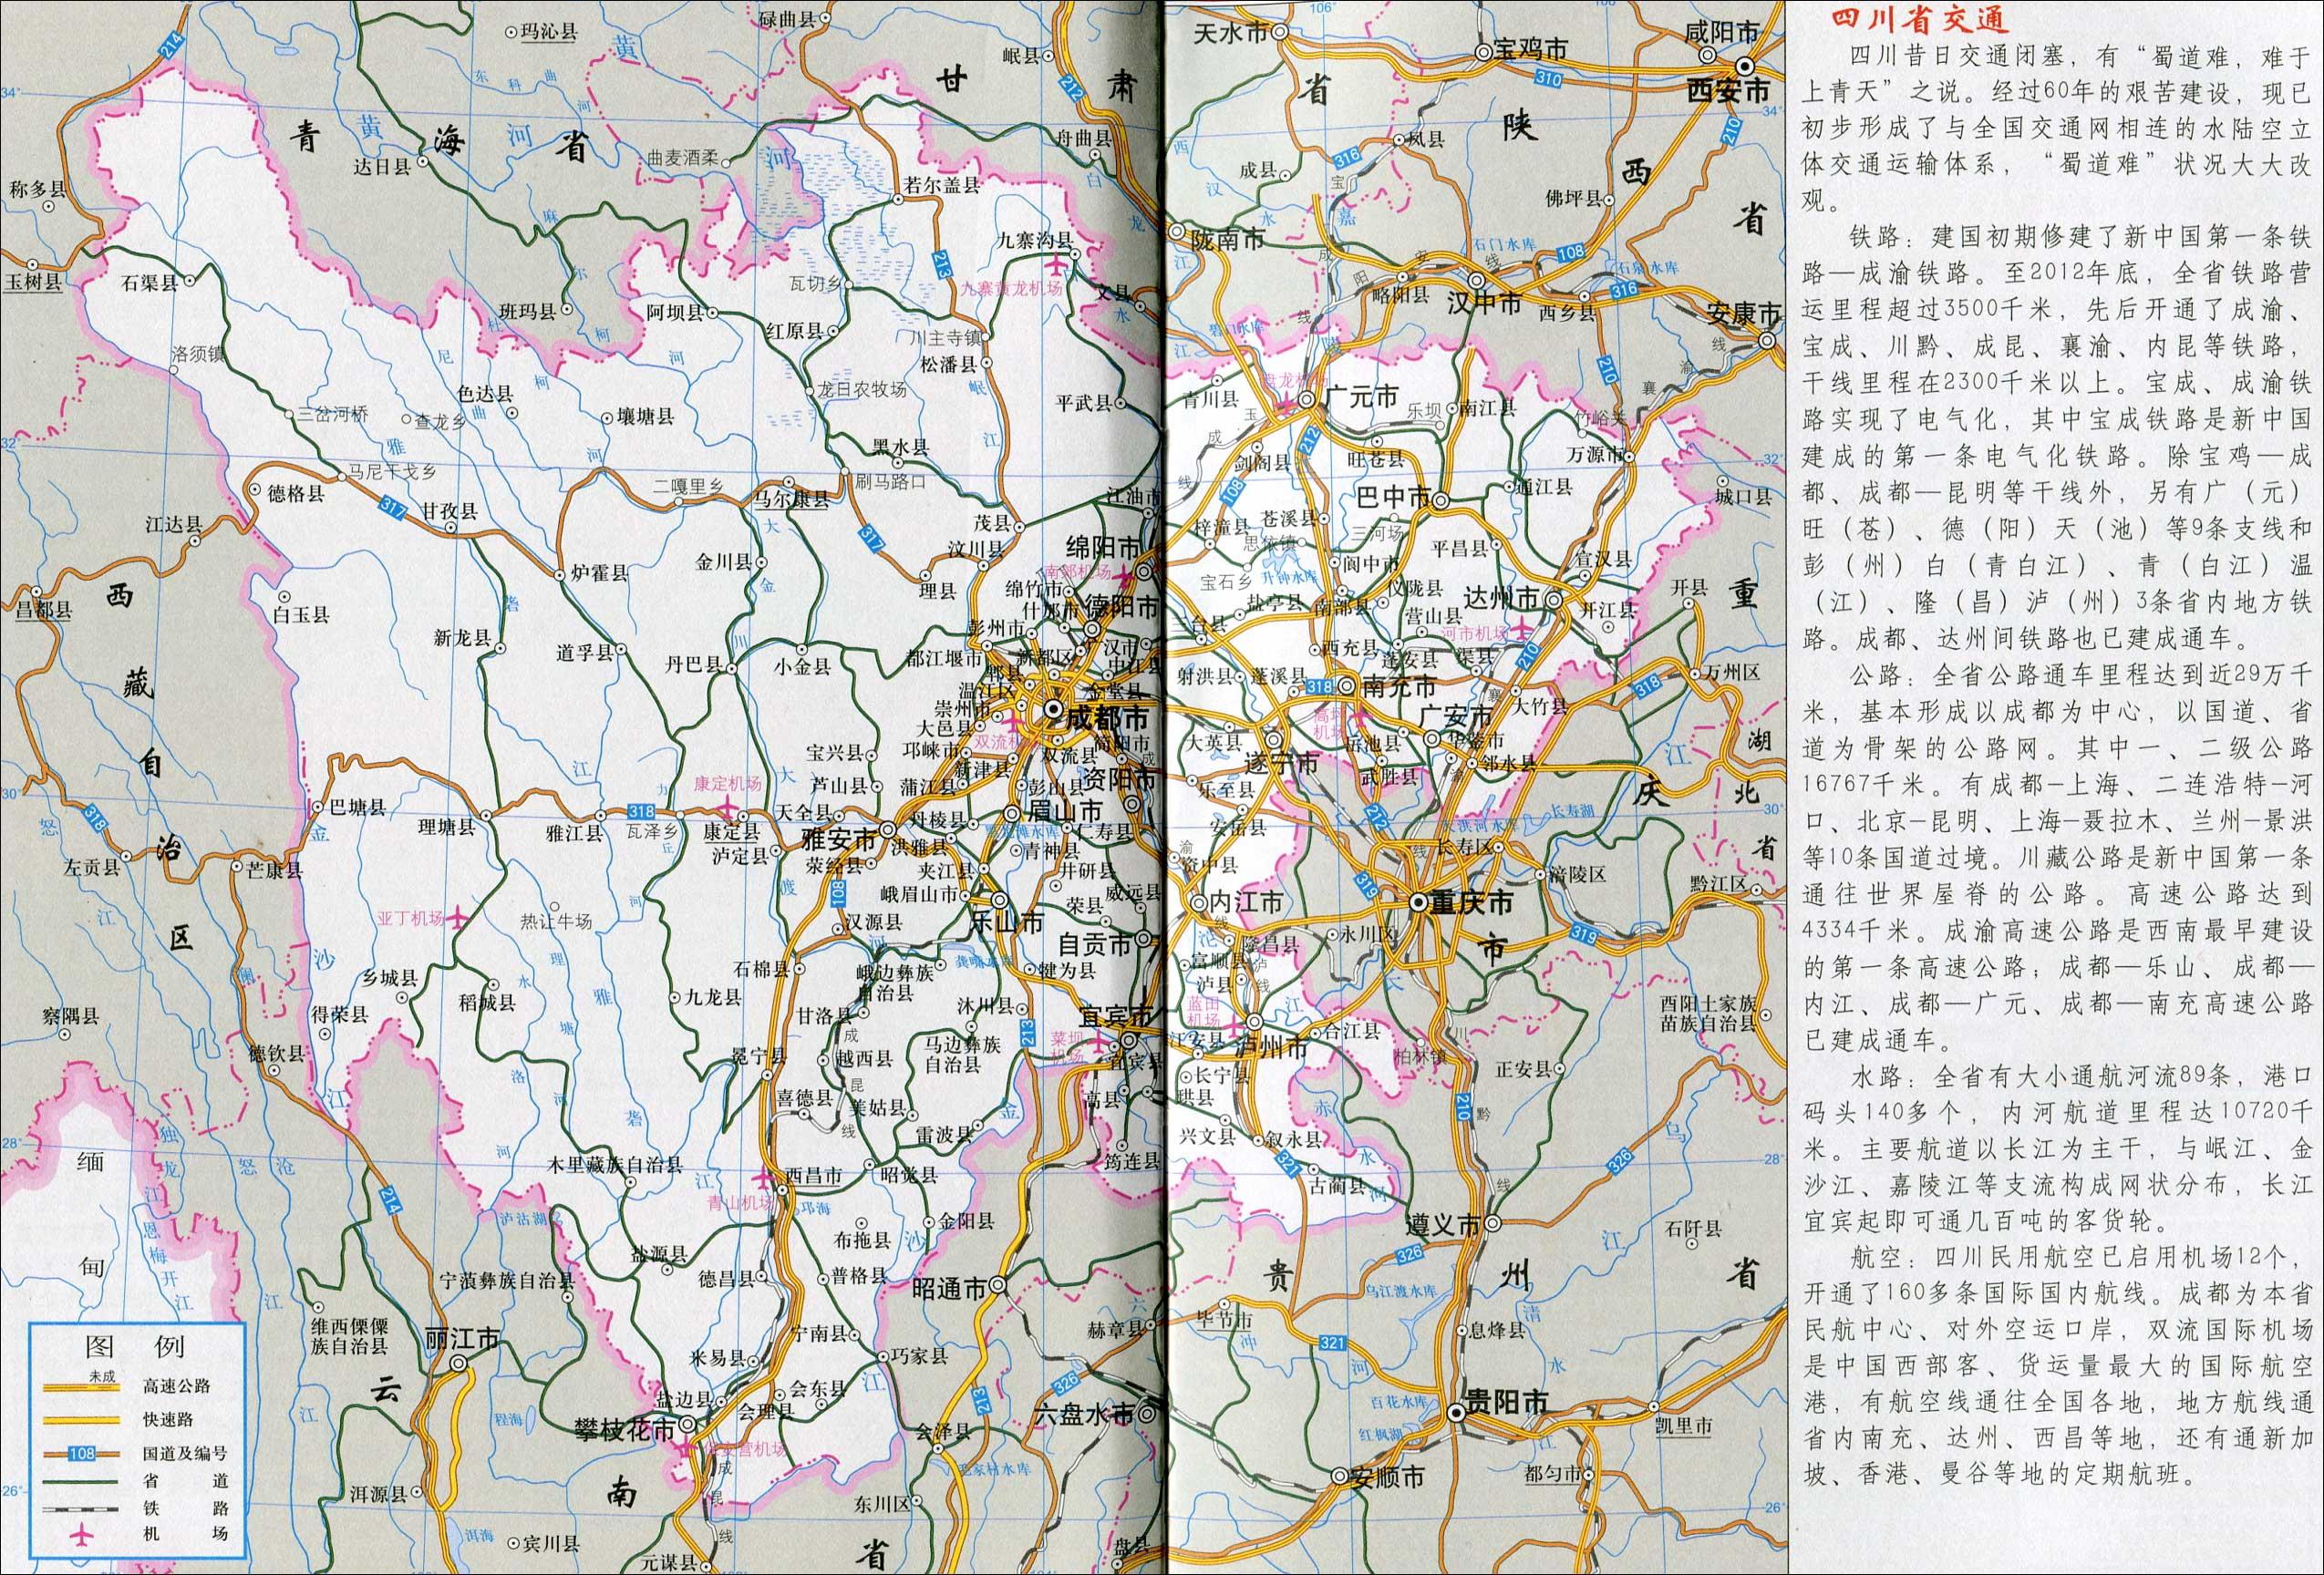 四川地图全图高清版